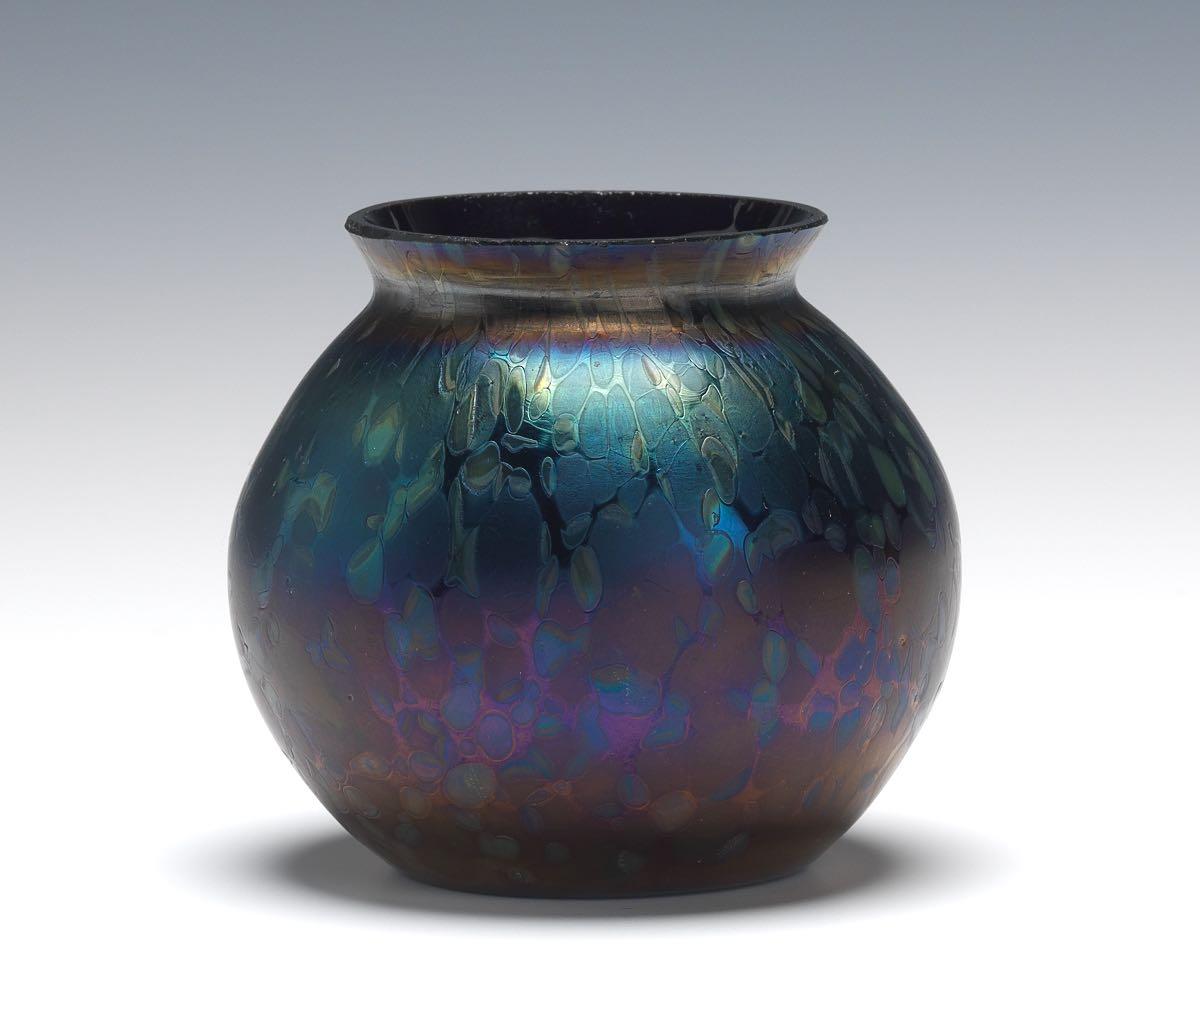 Loetz art glass cabinet vase 041815 sold 18975 loetz art glass cabinet vase reviewsmspy